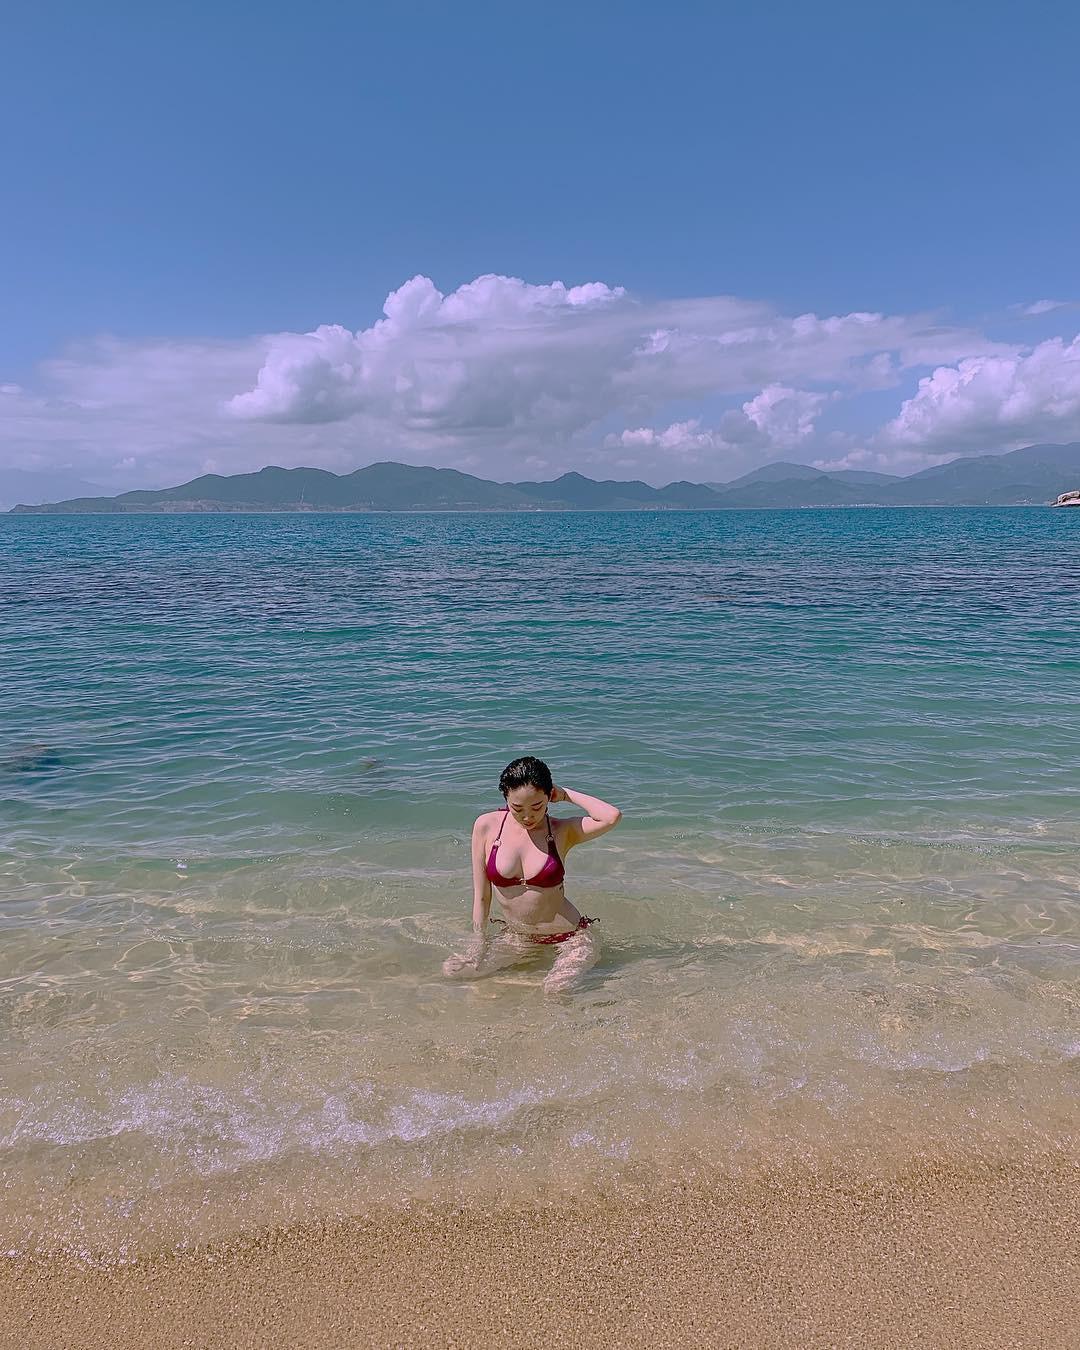 Sở hữu body đỉnh như Tóc Tiên thì ai cũng muốn đi biển 1 ngày, mặc đủ loại bikini chụp hình đăng cả tháng - Ảnh 5.